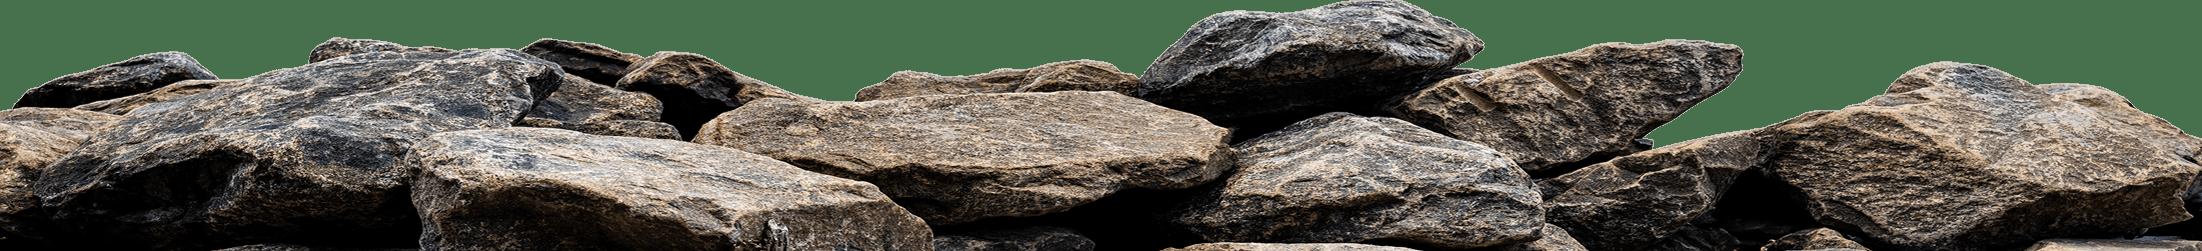 stones-bg